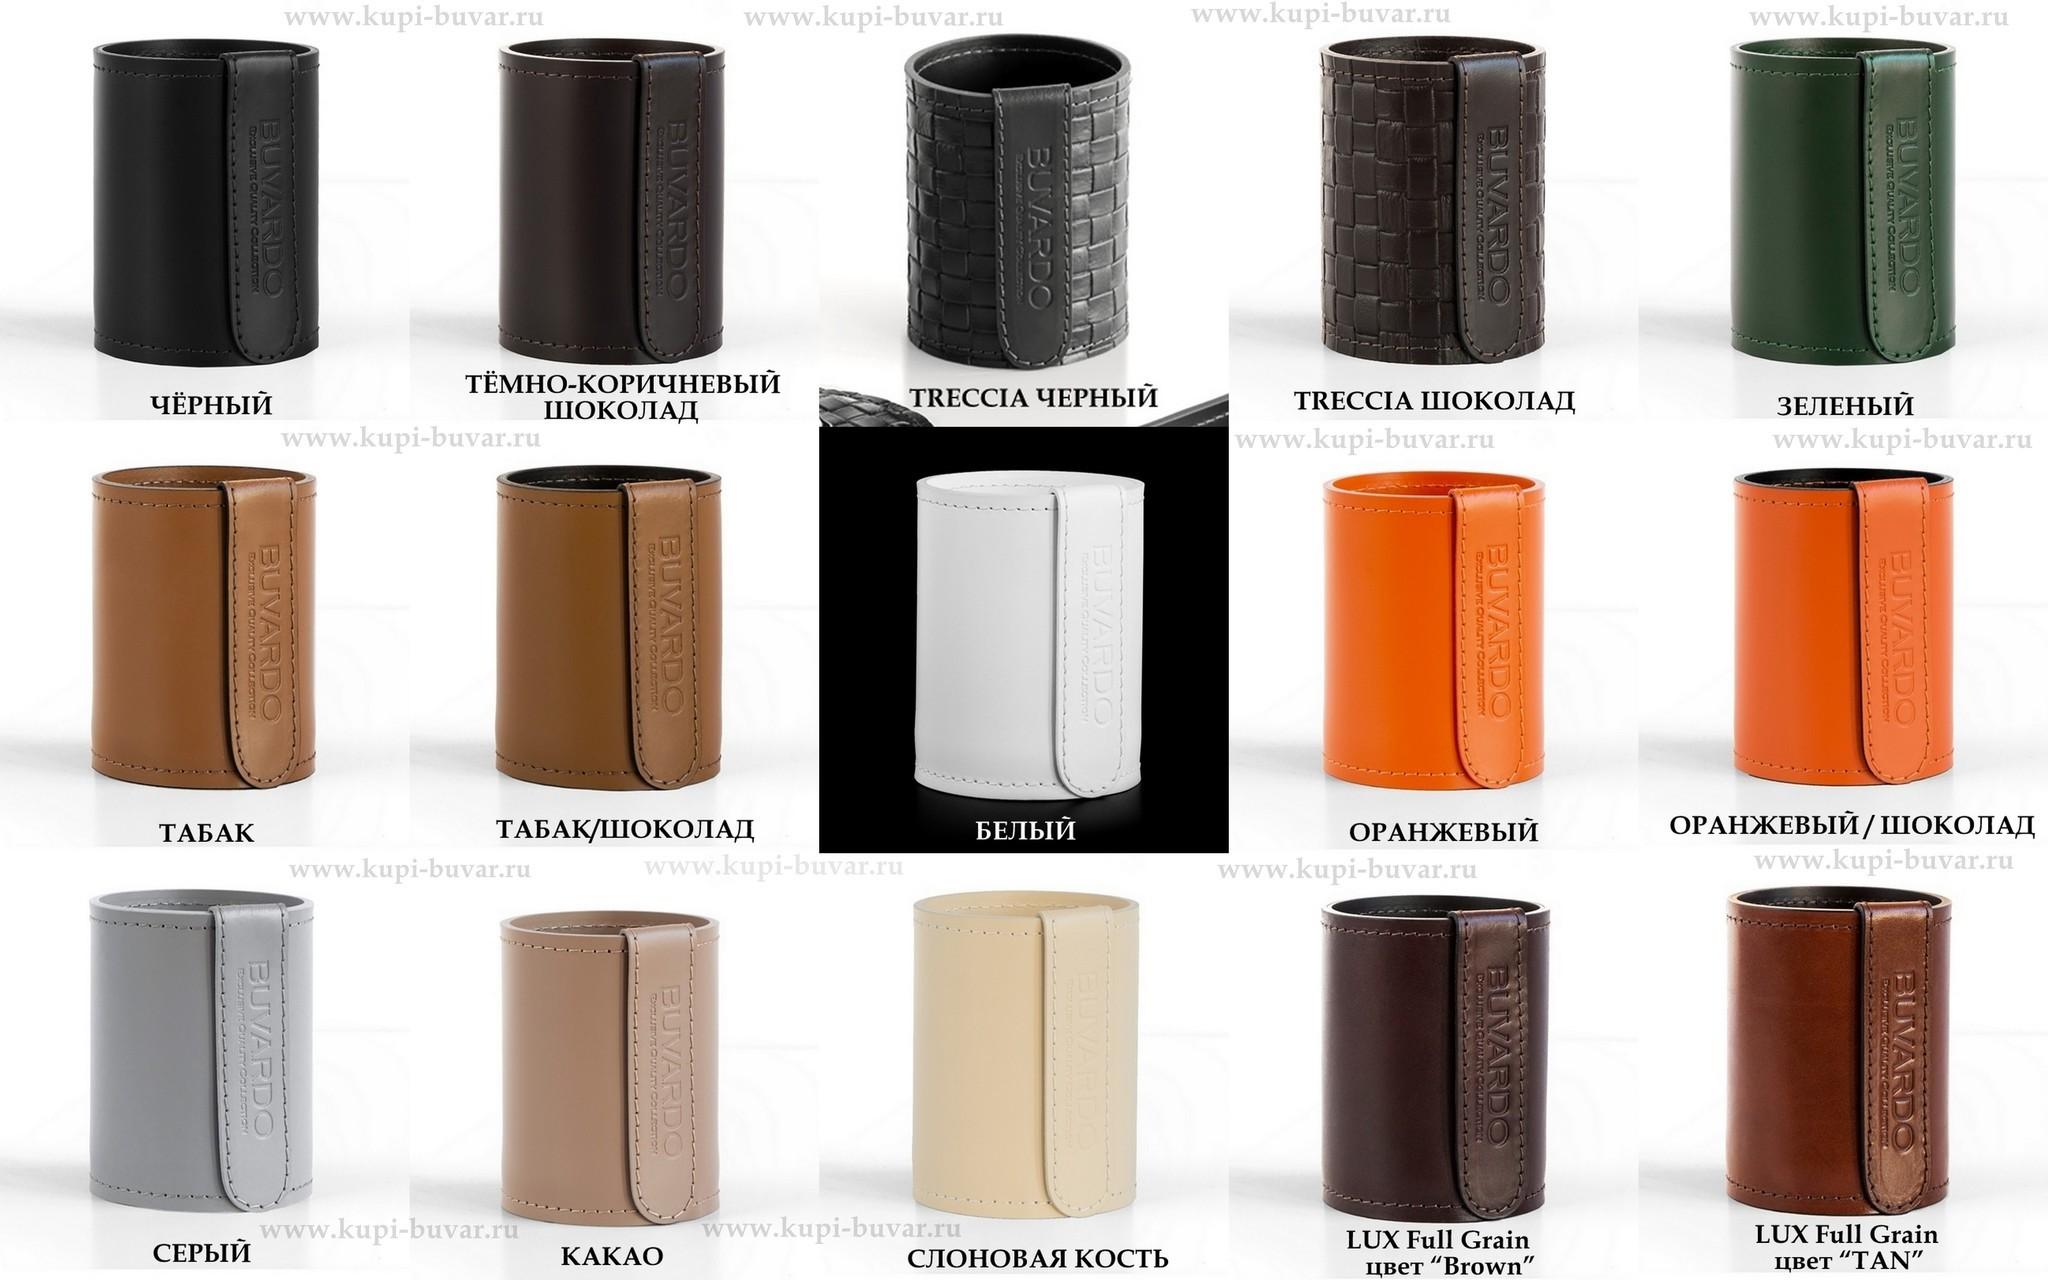 Варианты цвета кожи